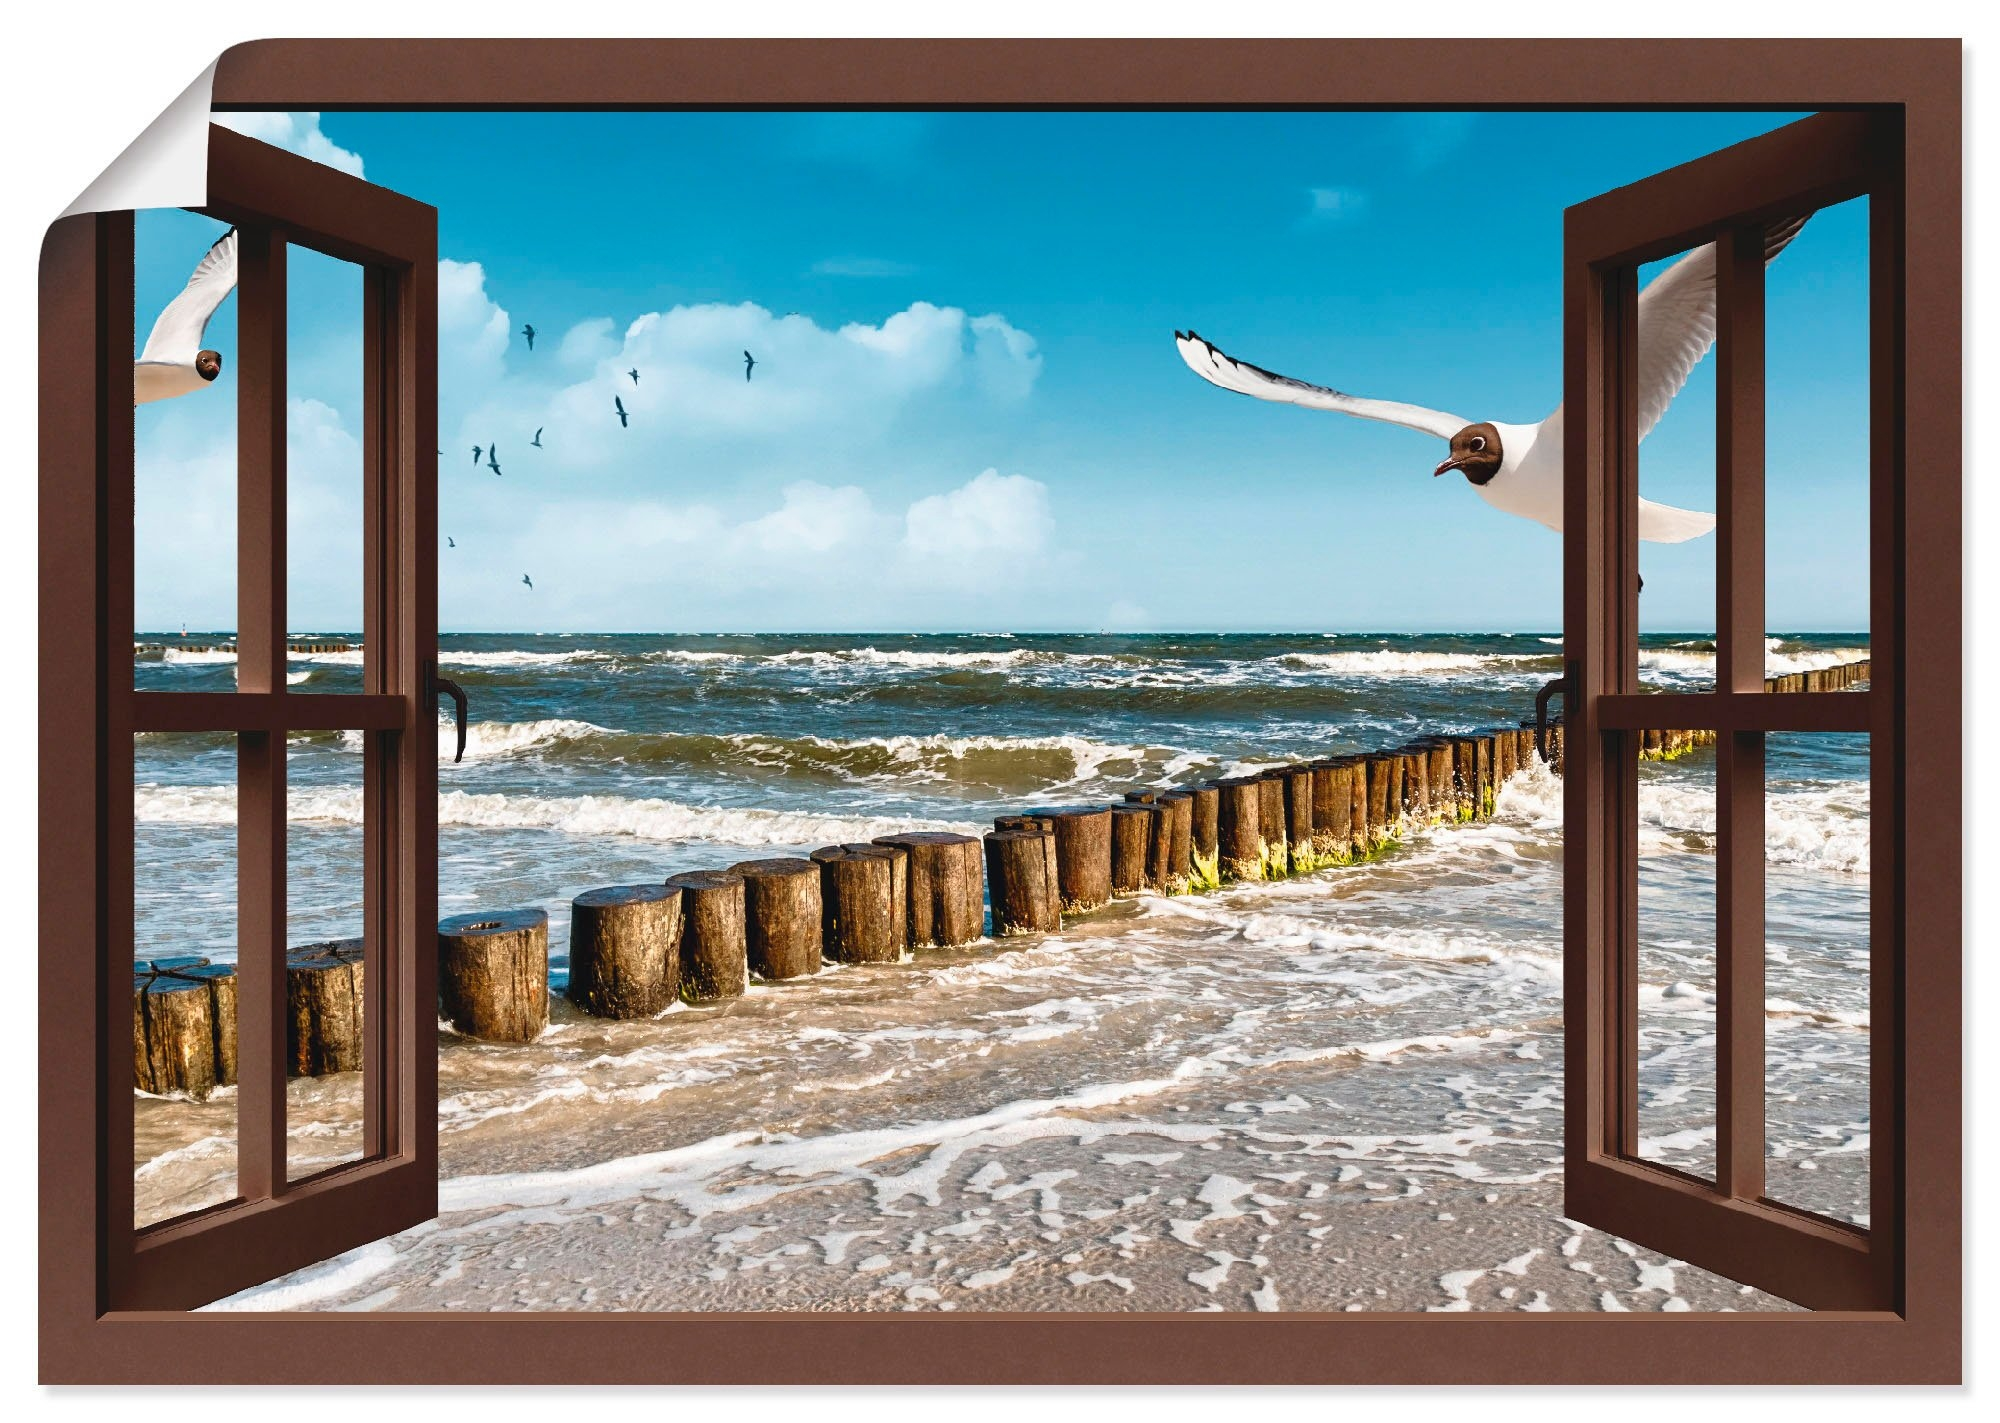 Artland artprint Blik uit het venster - Oostzee in vele afmetingen & productsoorten -artprint op linnen, poster, muursticker / wandfolie ook geschikt voor de badkamer (1 stuk) veilig op otto.nl kopen